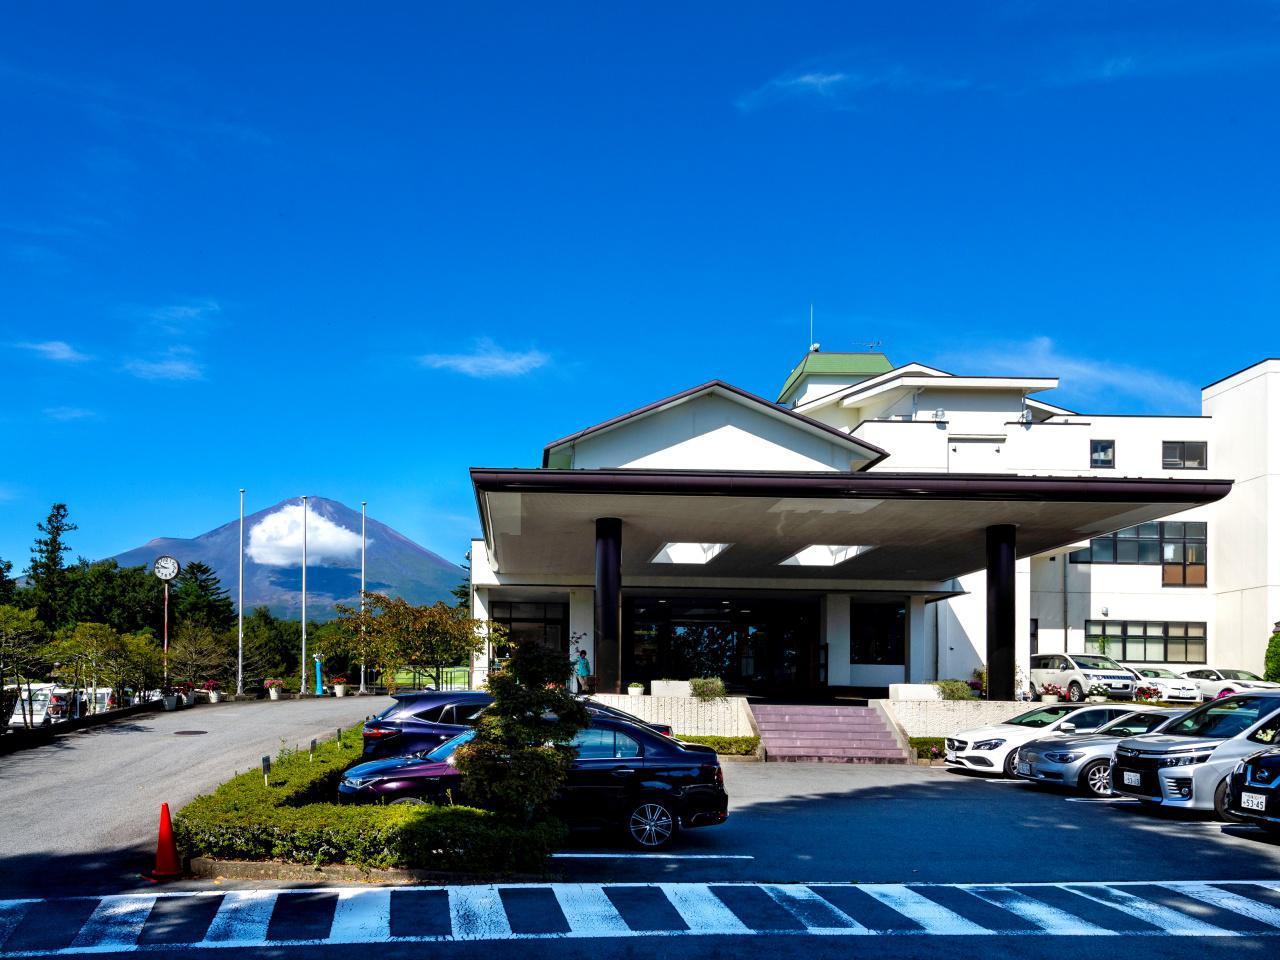 画像1: 富士平原GCのクラブハウスとクラブハウスから見える眺め。富士山が大きい